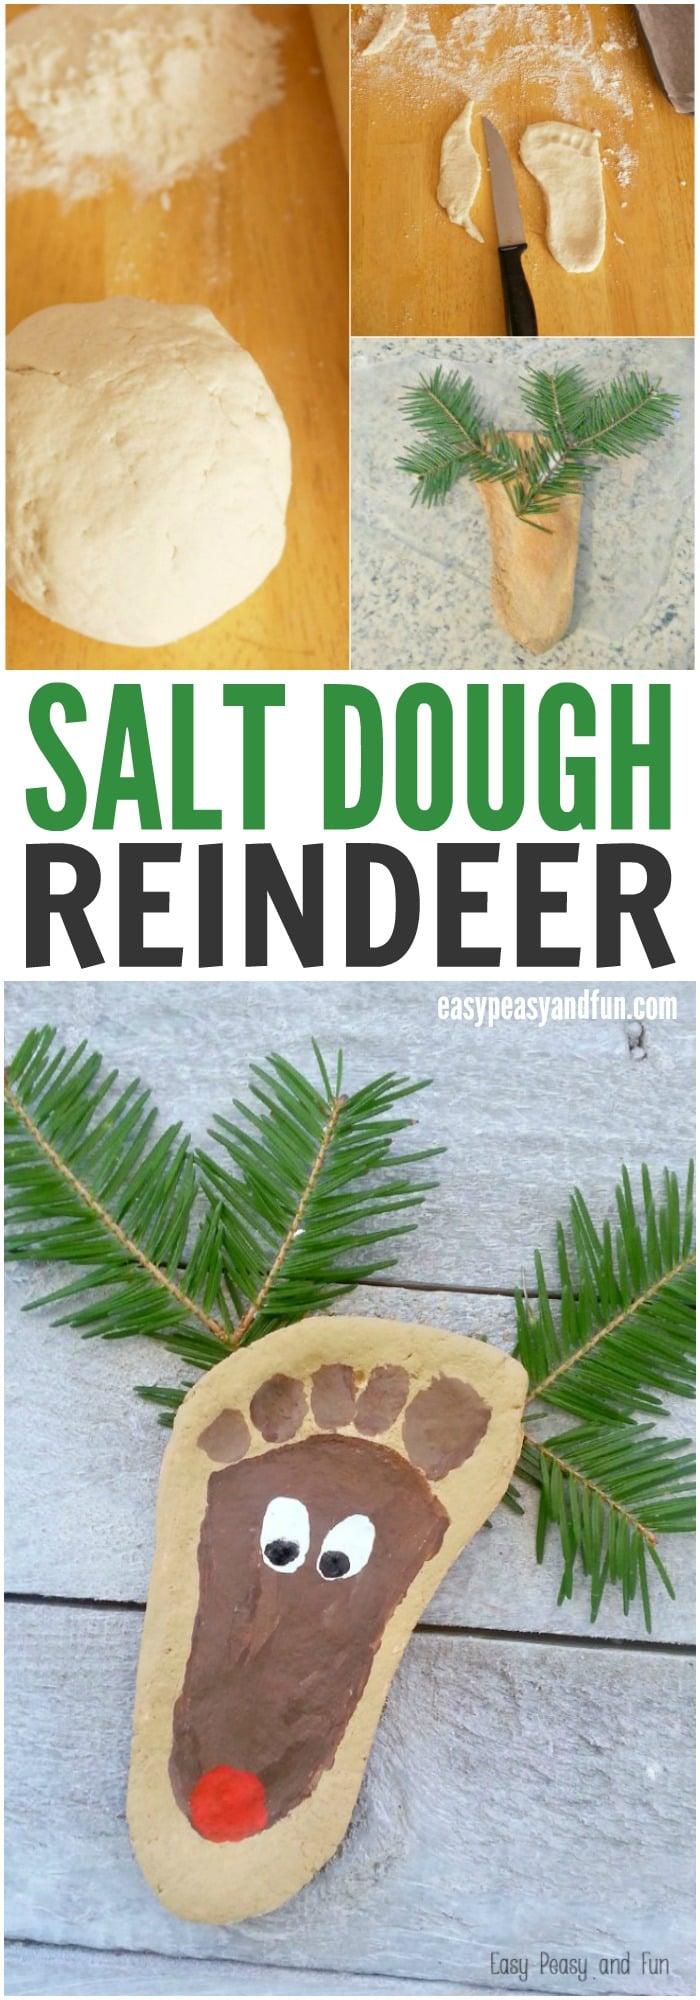 salt dough reindeer ornament